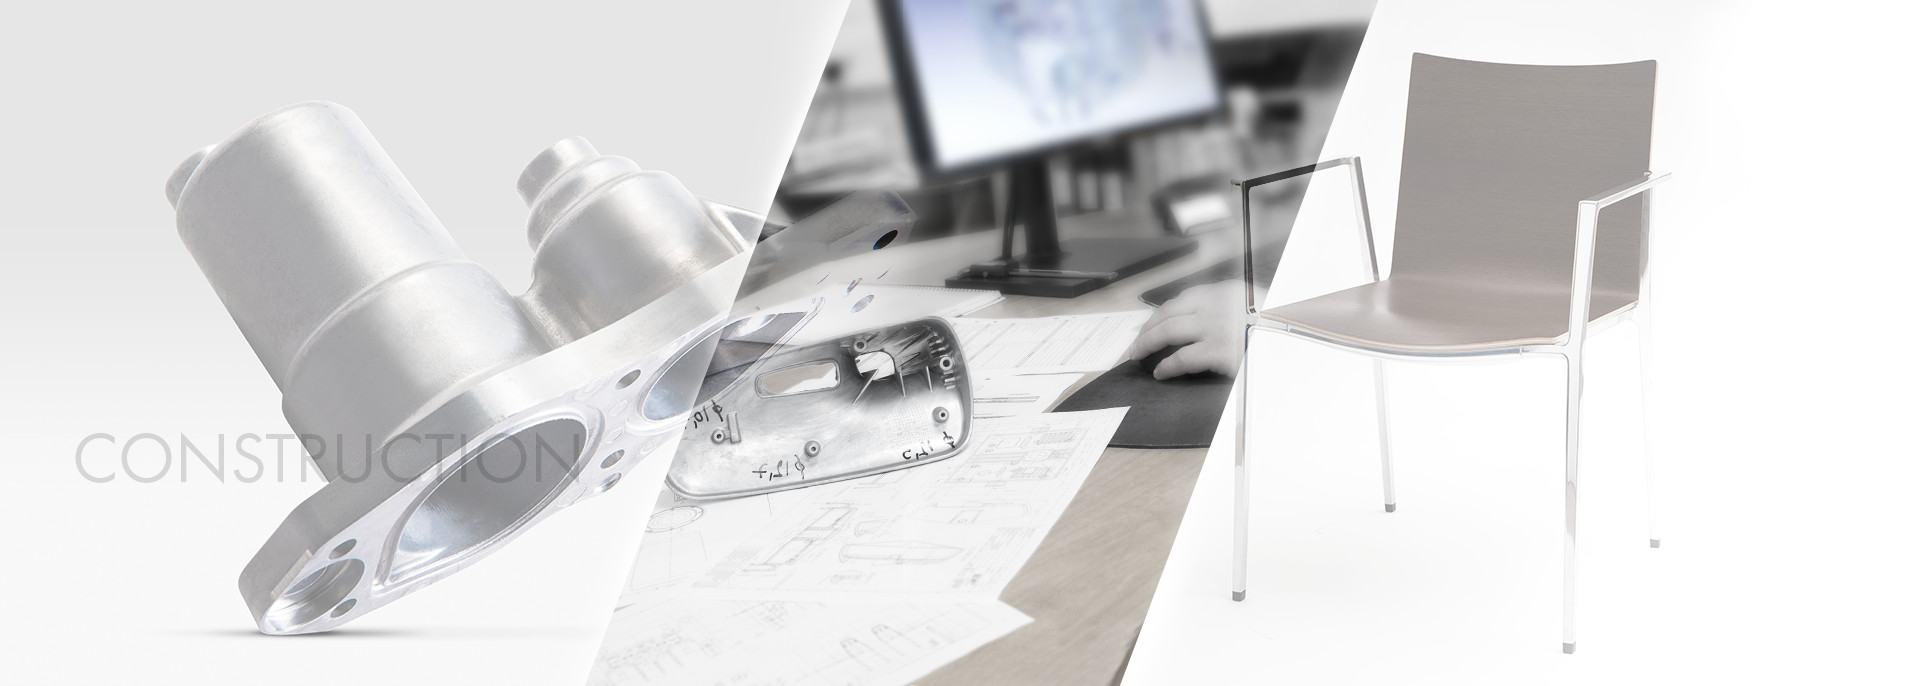 Designing aluminium details